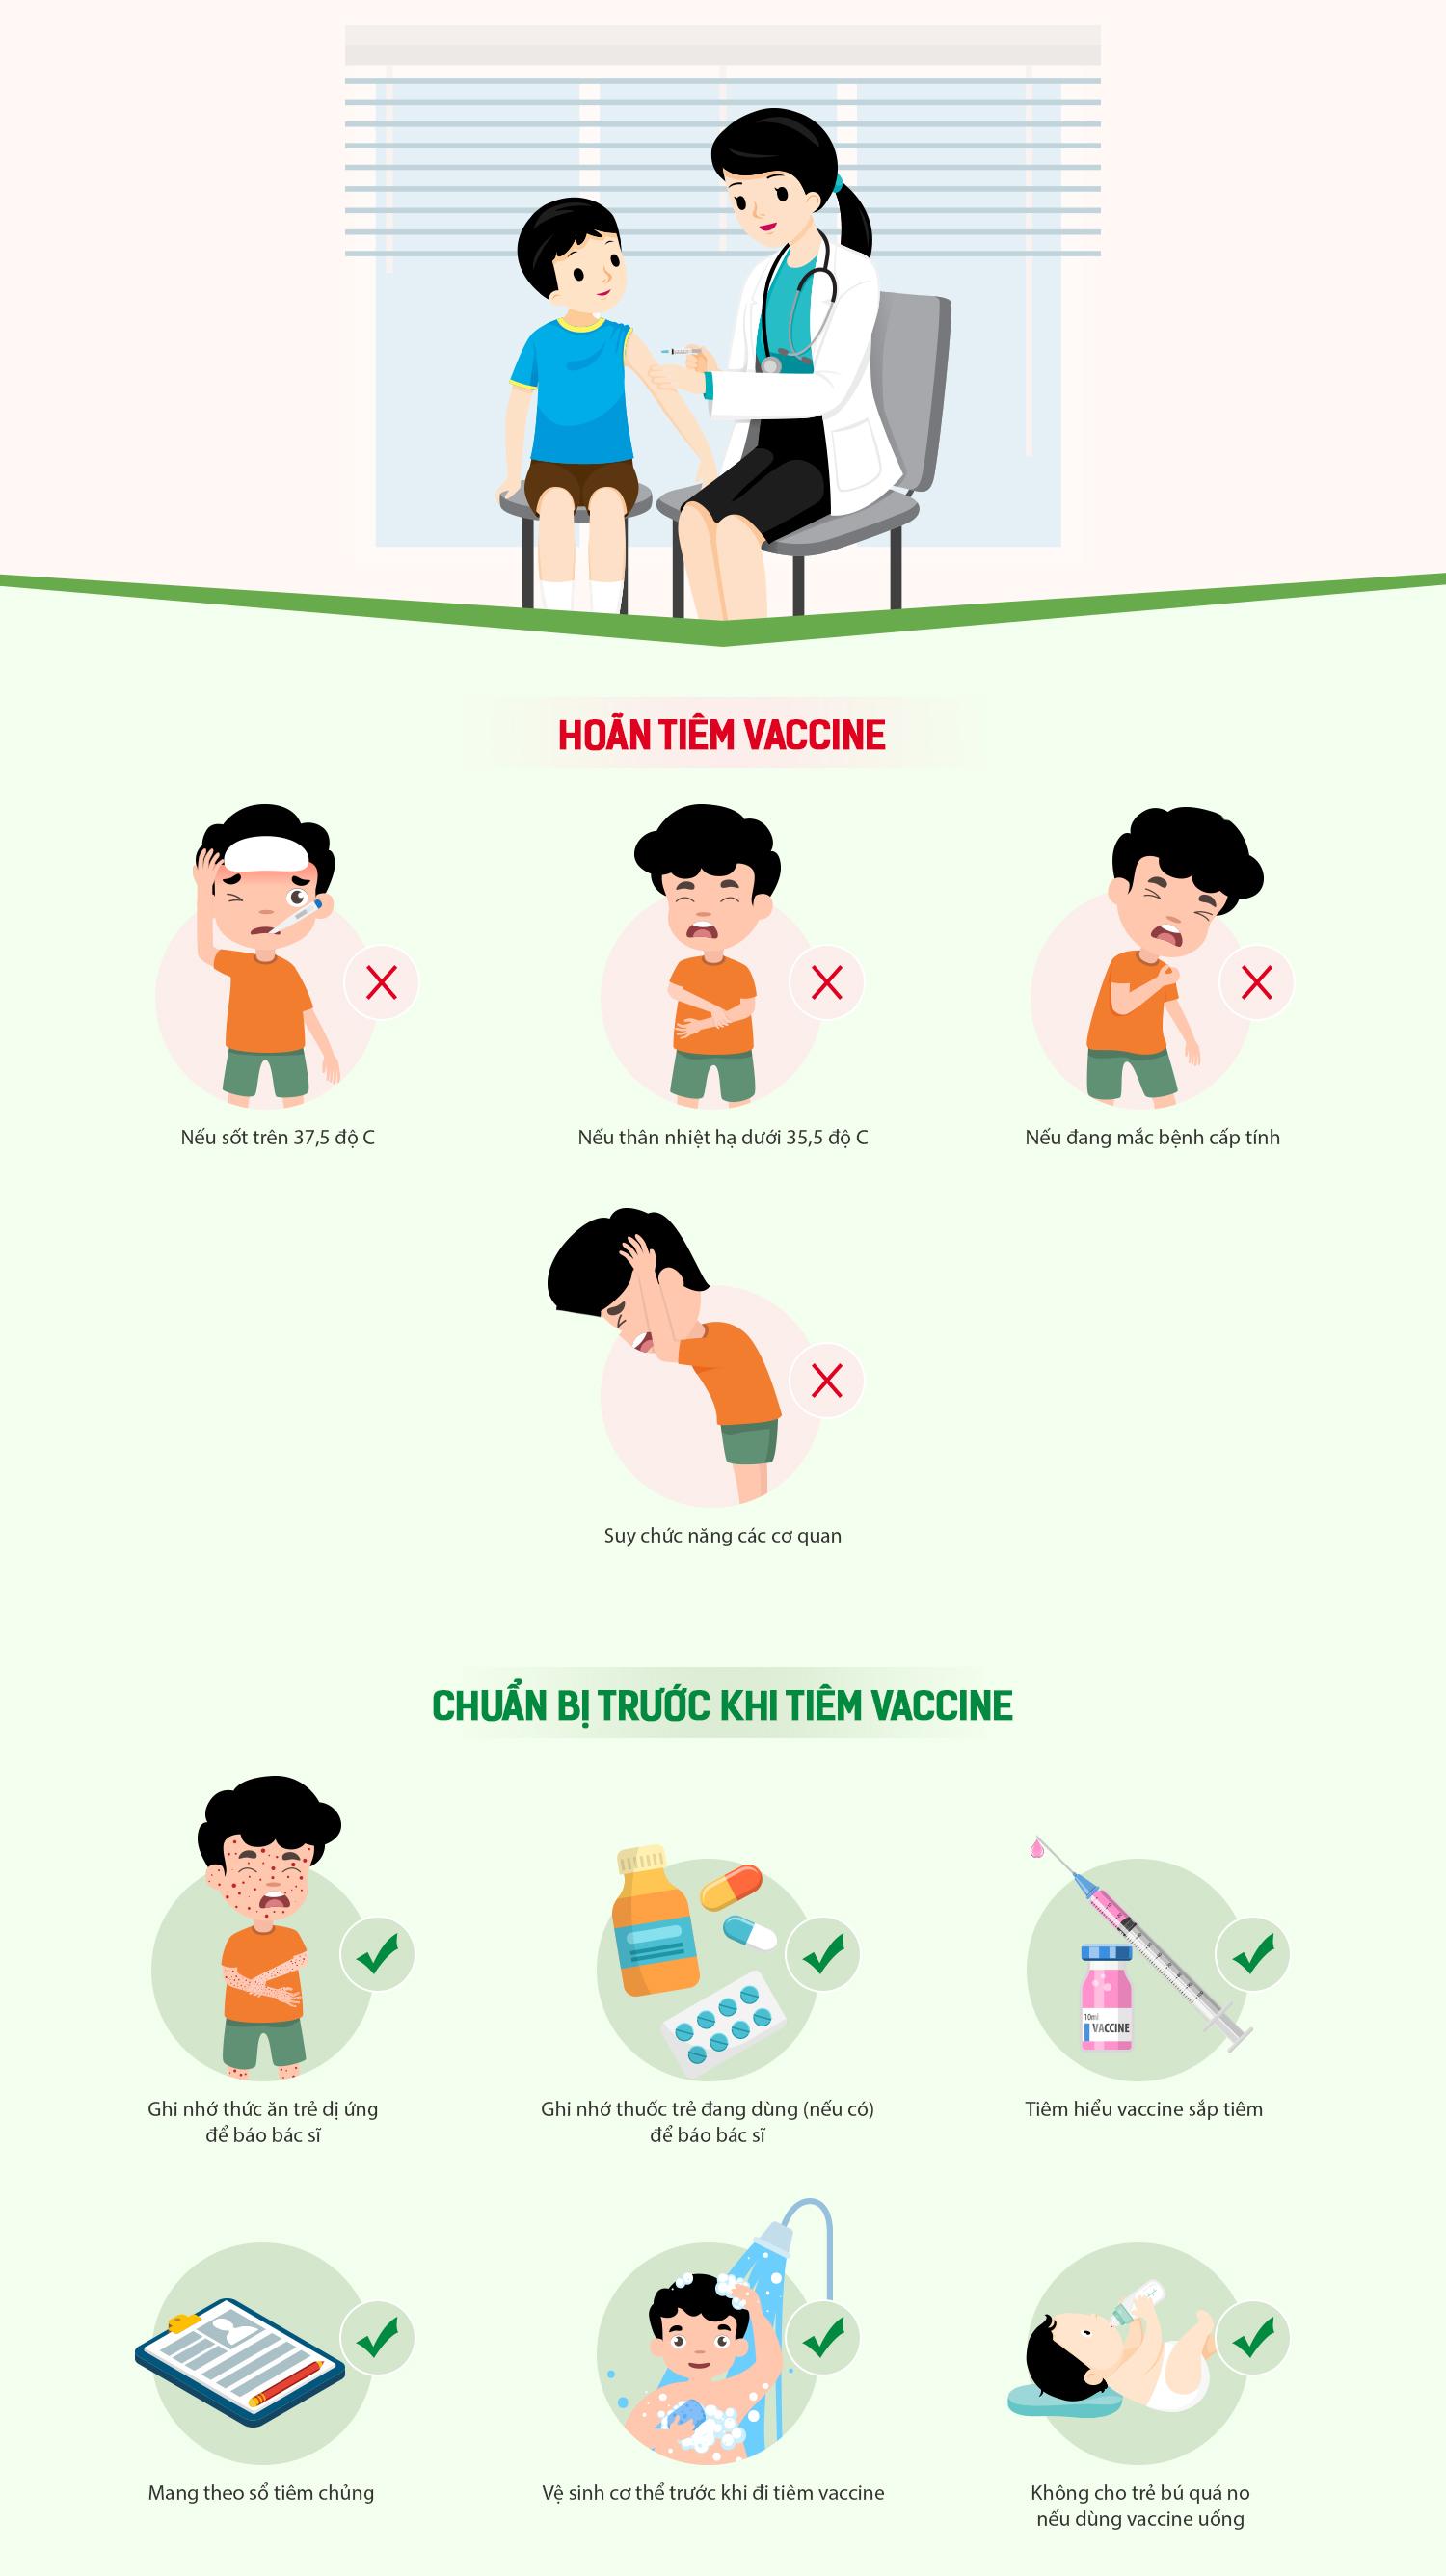 Chuẩn bị cho trẻ trước khi tiêm chủng